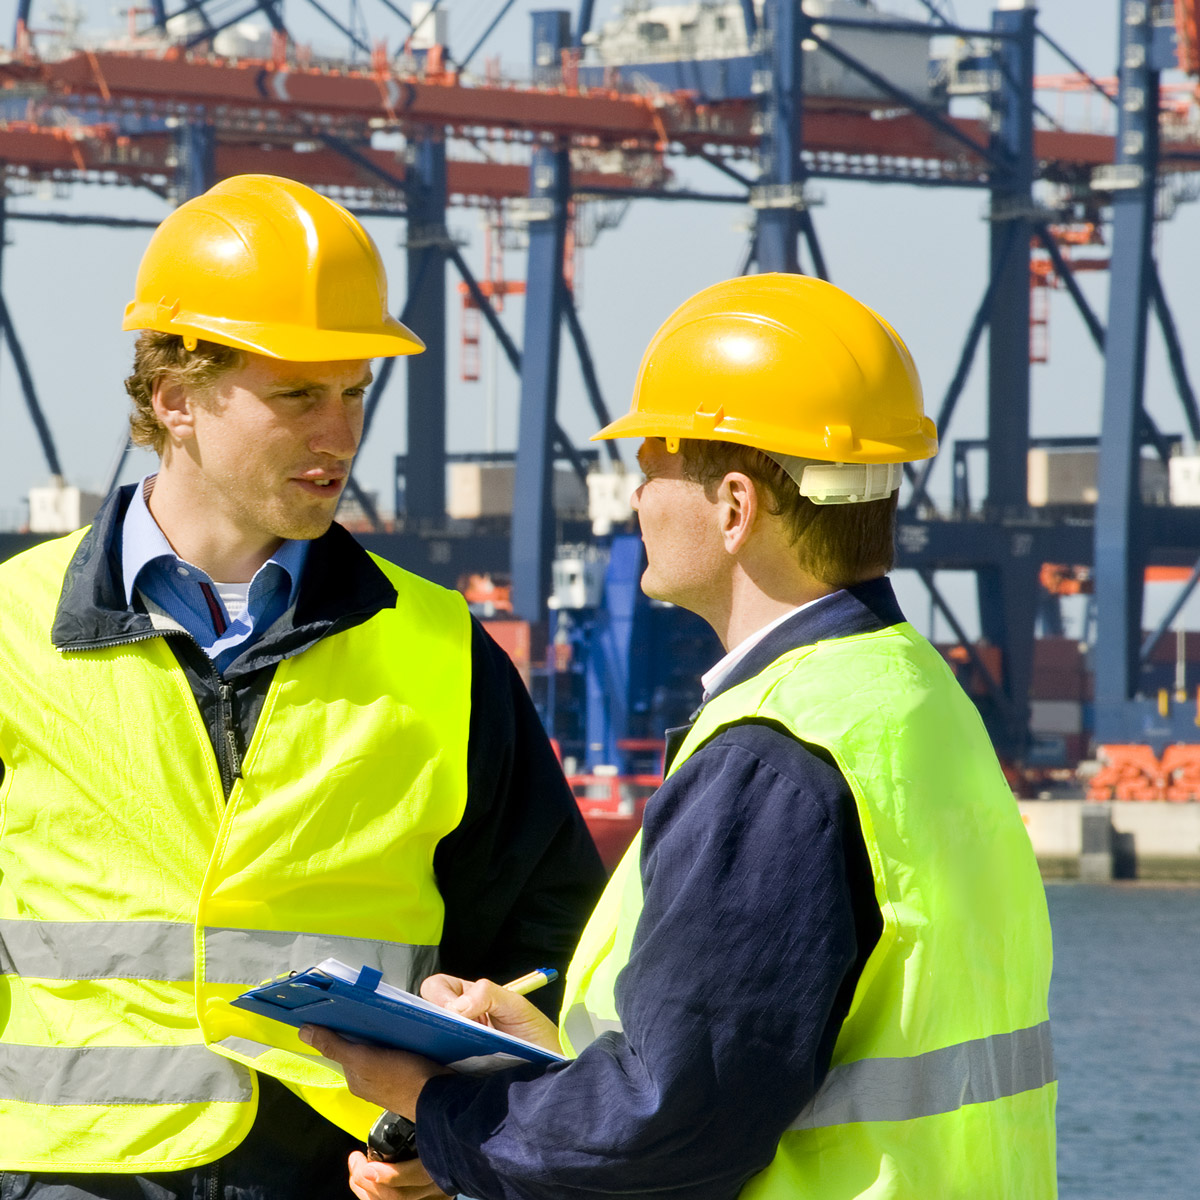 Checking Itinerary at Docks